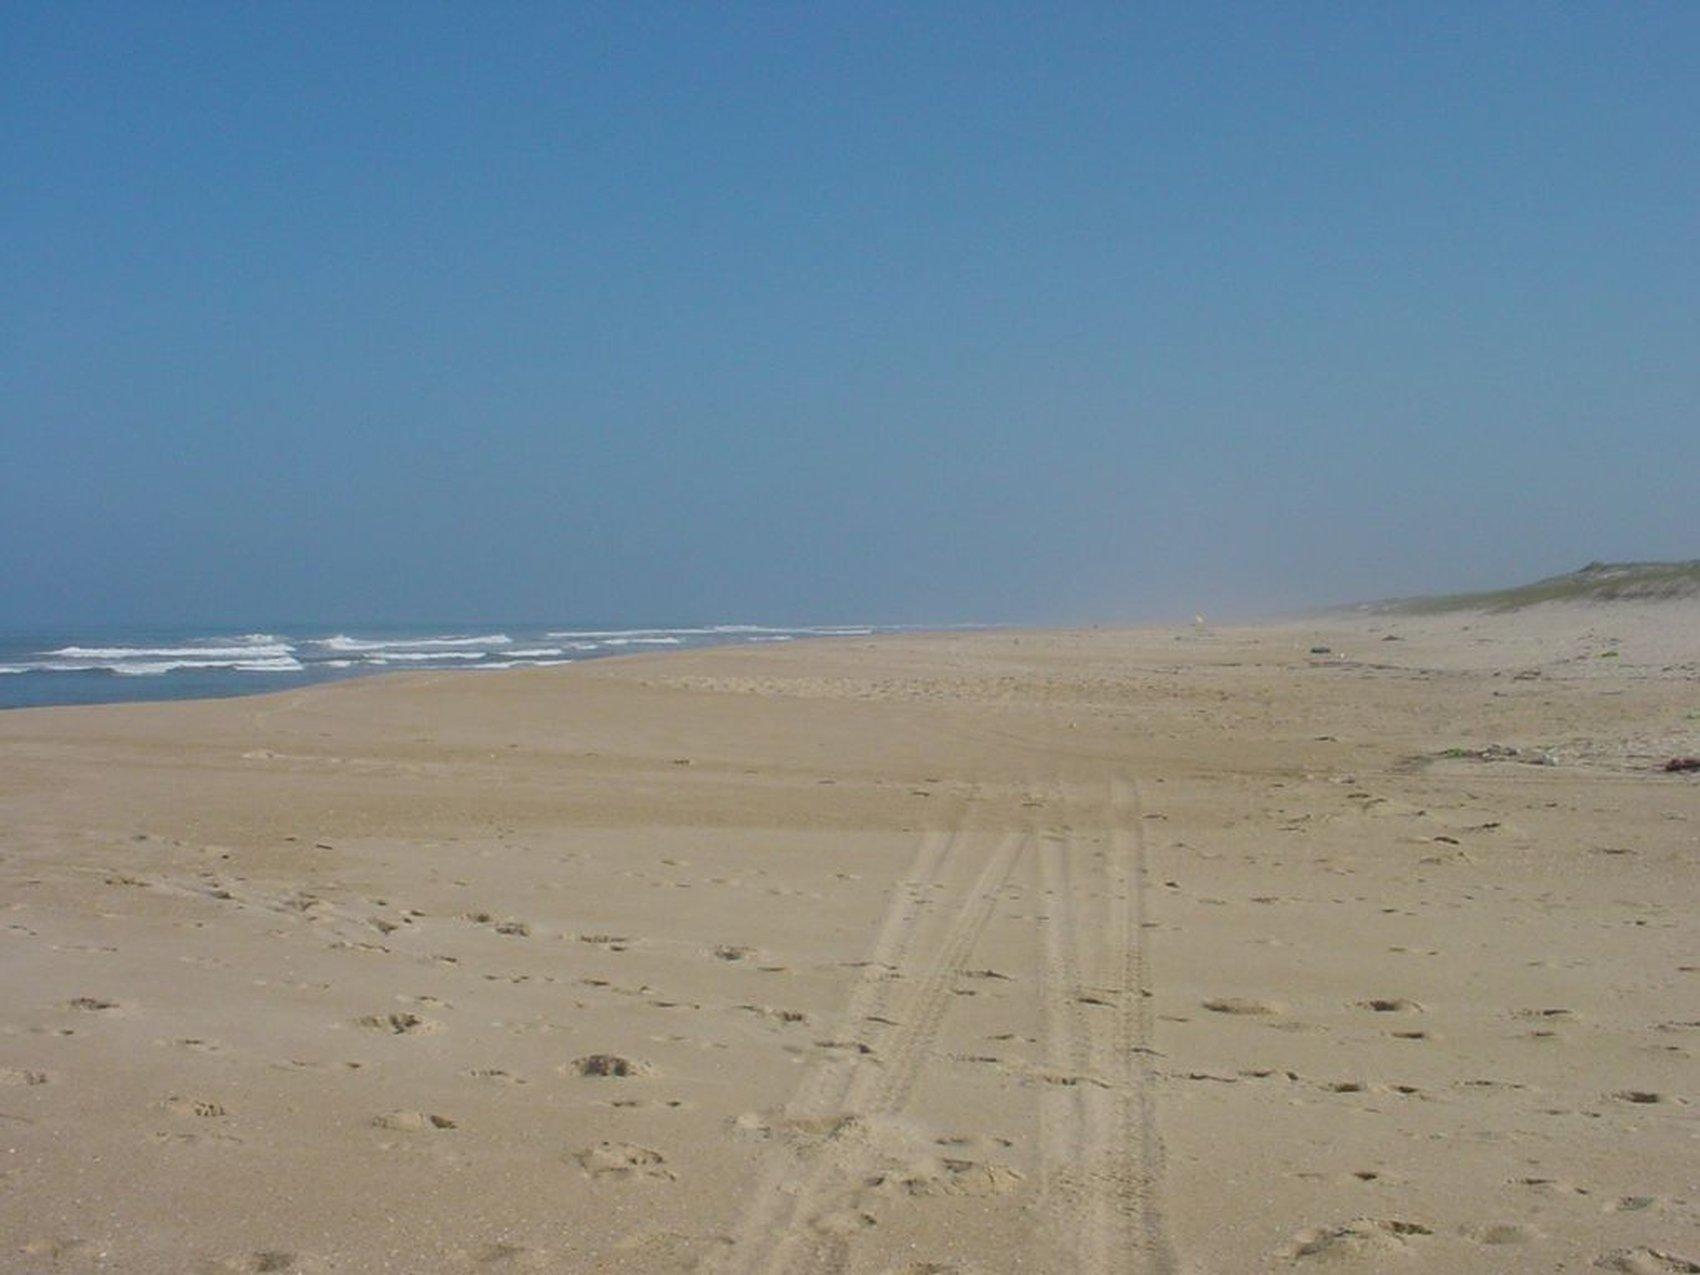 Praia da Costinha